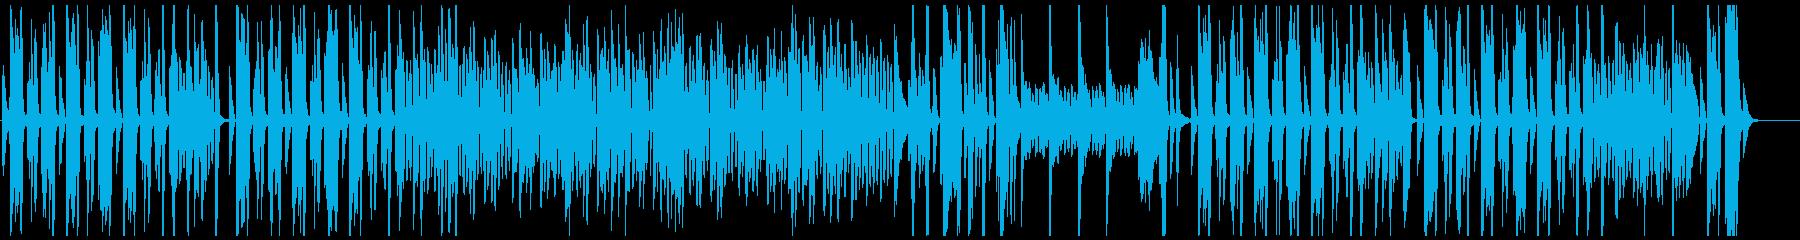 無機質で無骨な機械のようなピアノの再生済みの波形